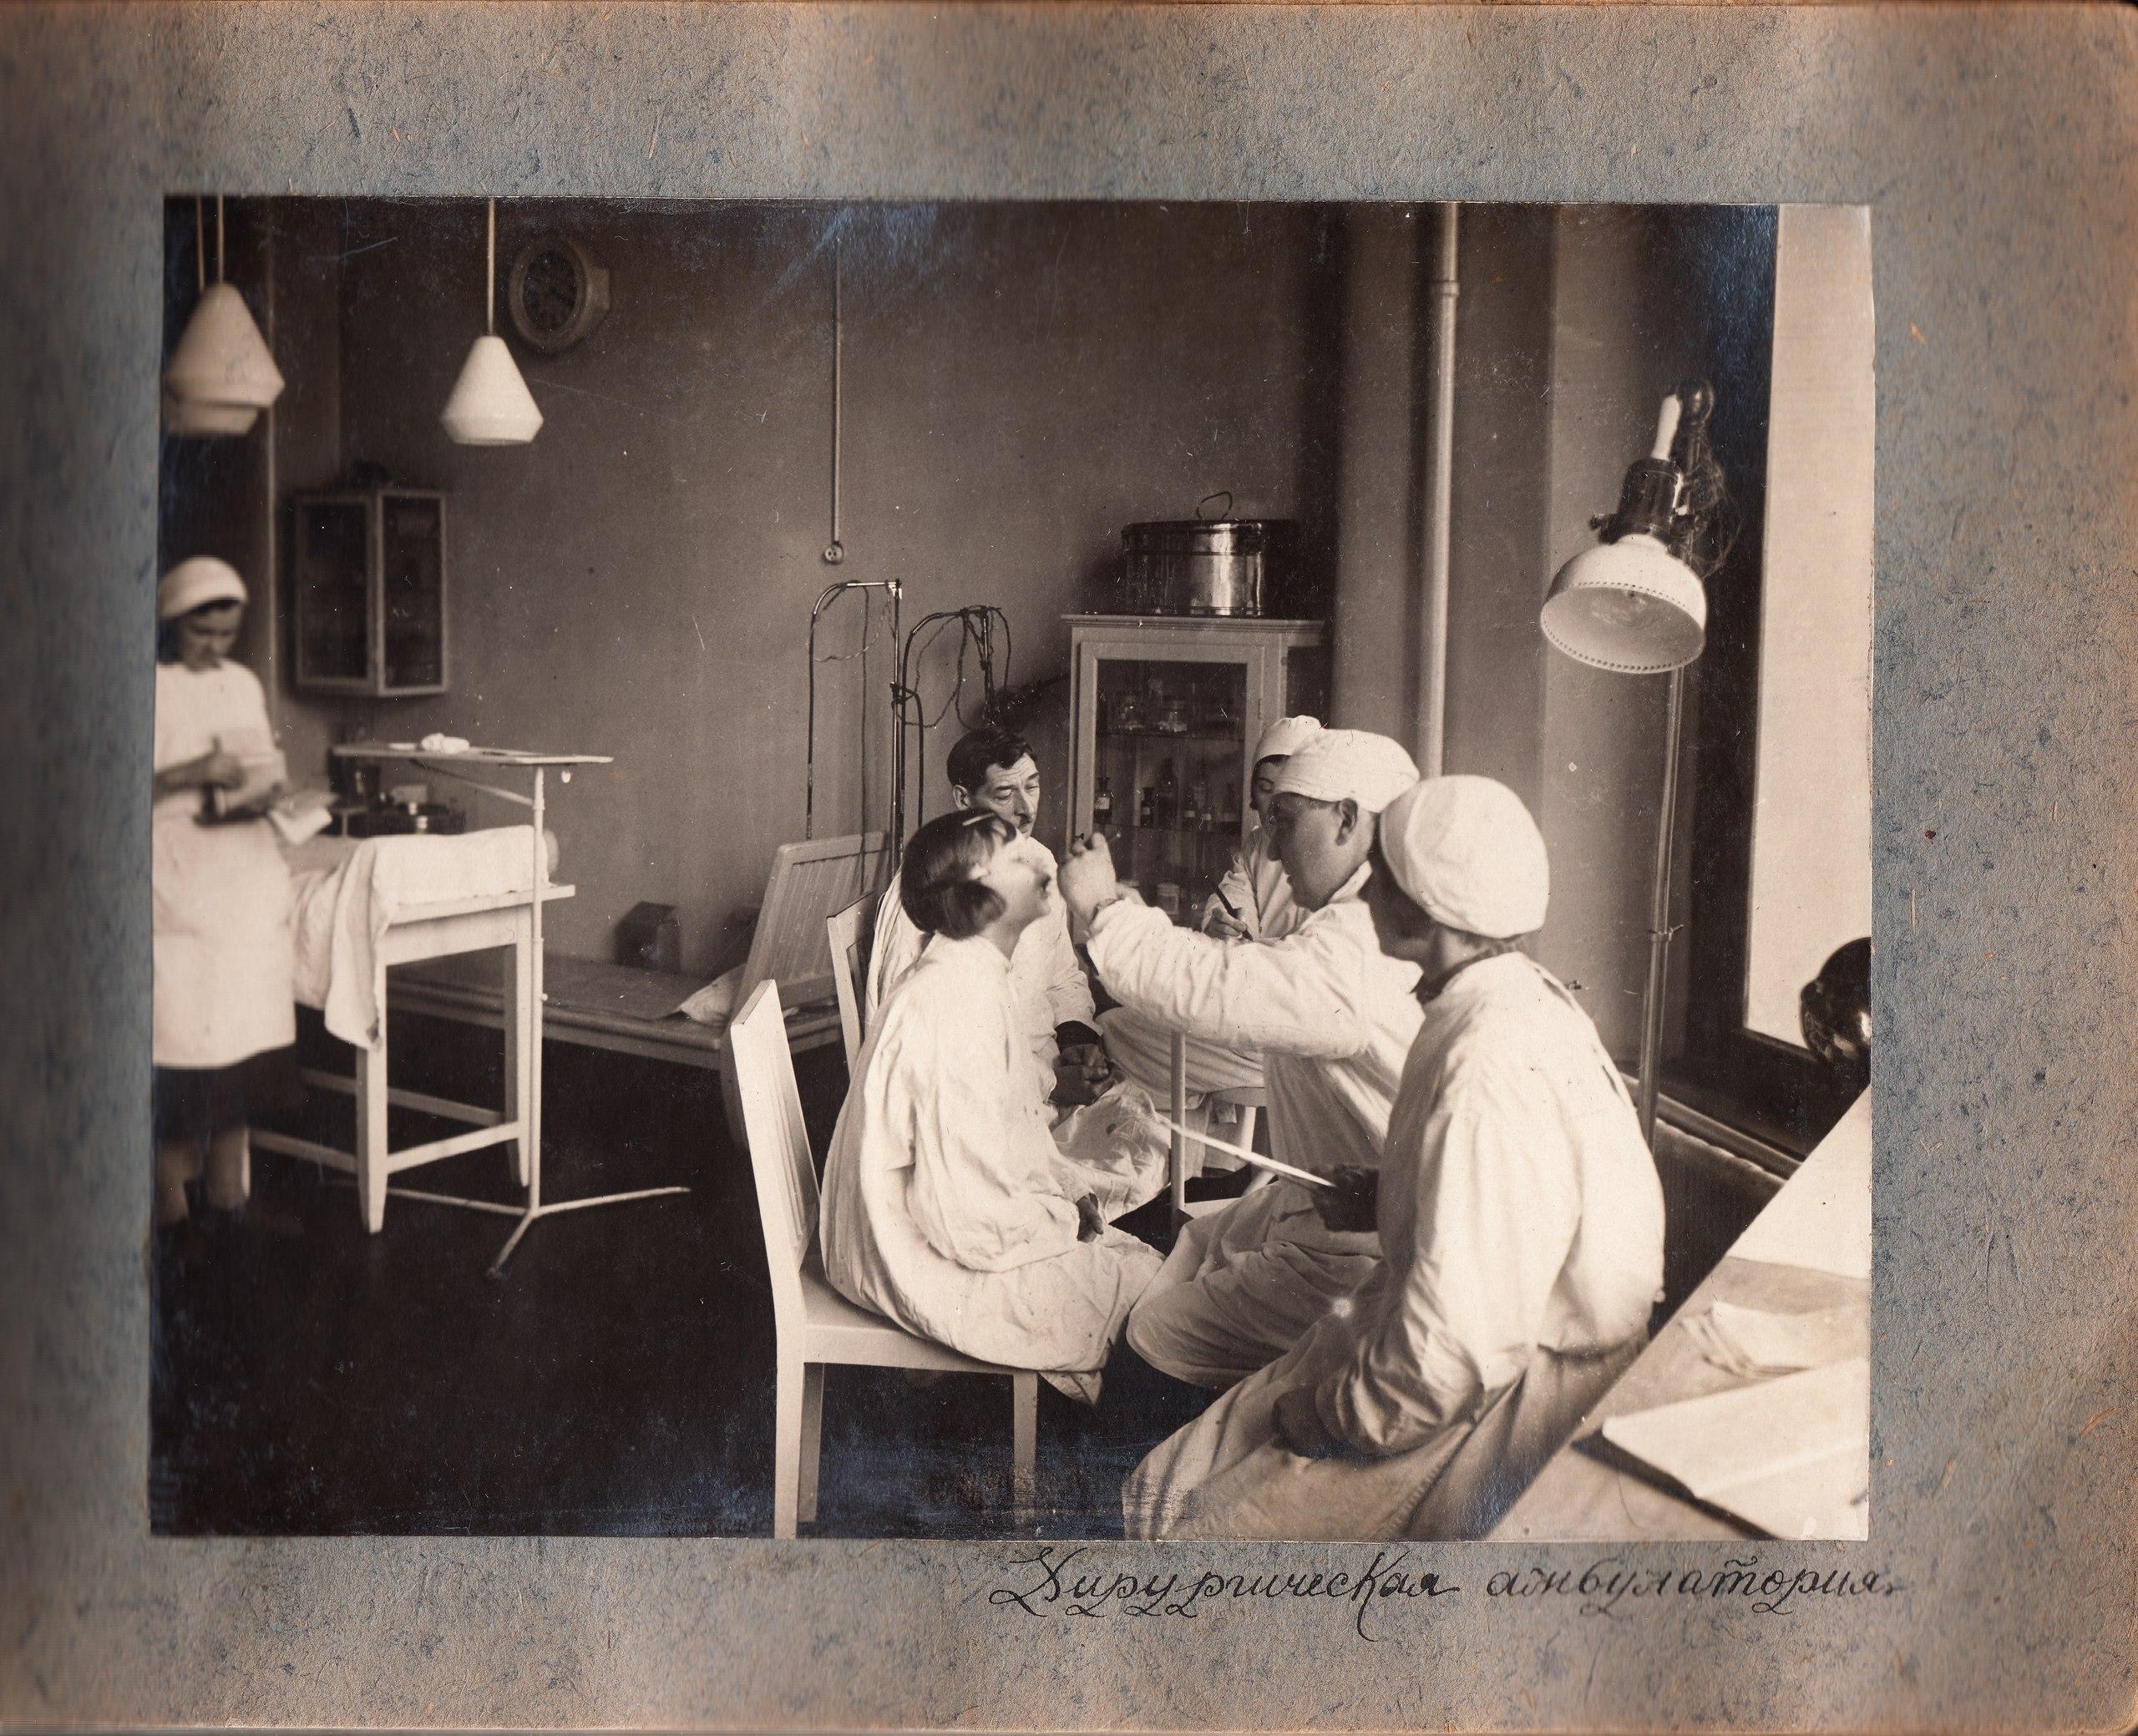 Хирургическая амбулатория